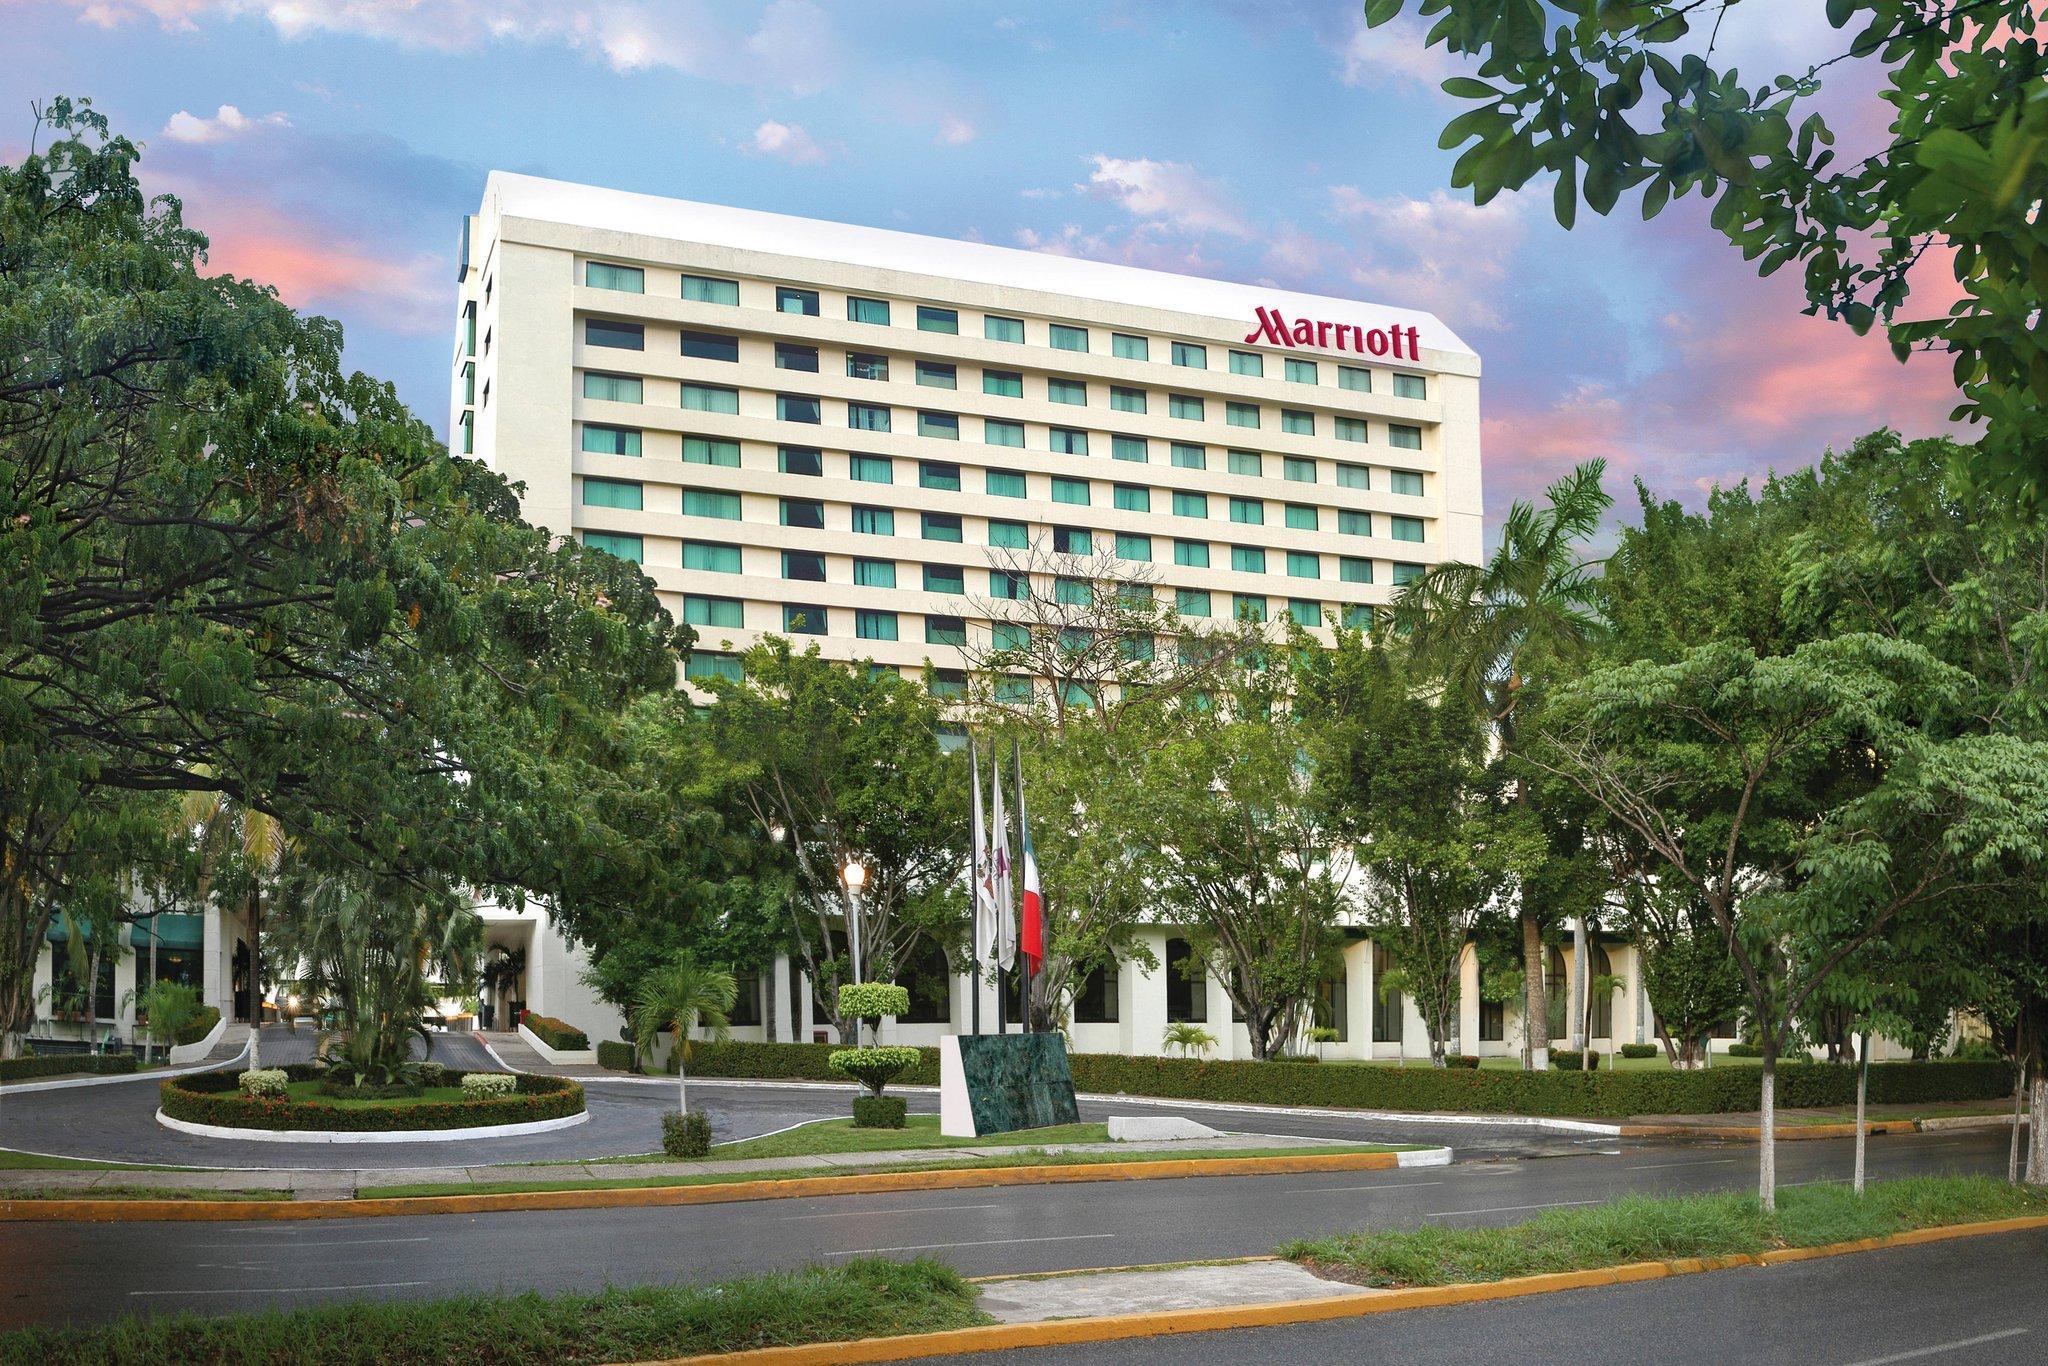 Villahermosa Marriott Hotel